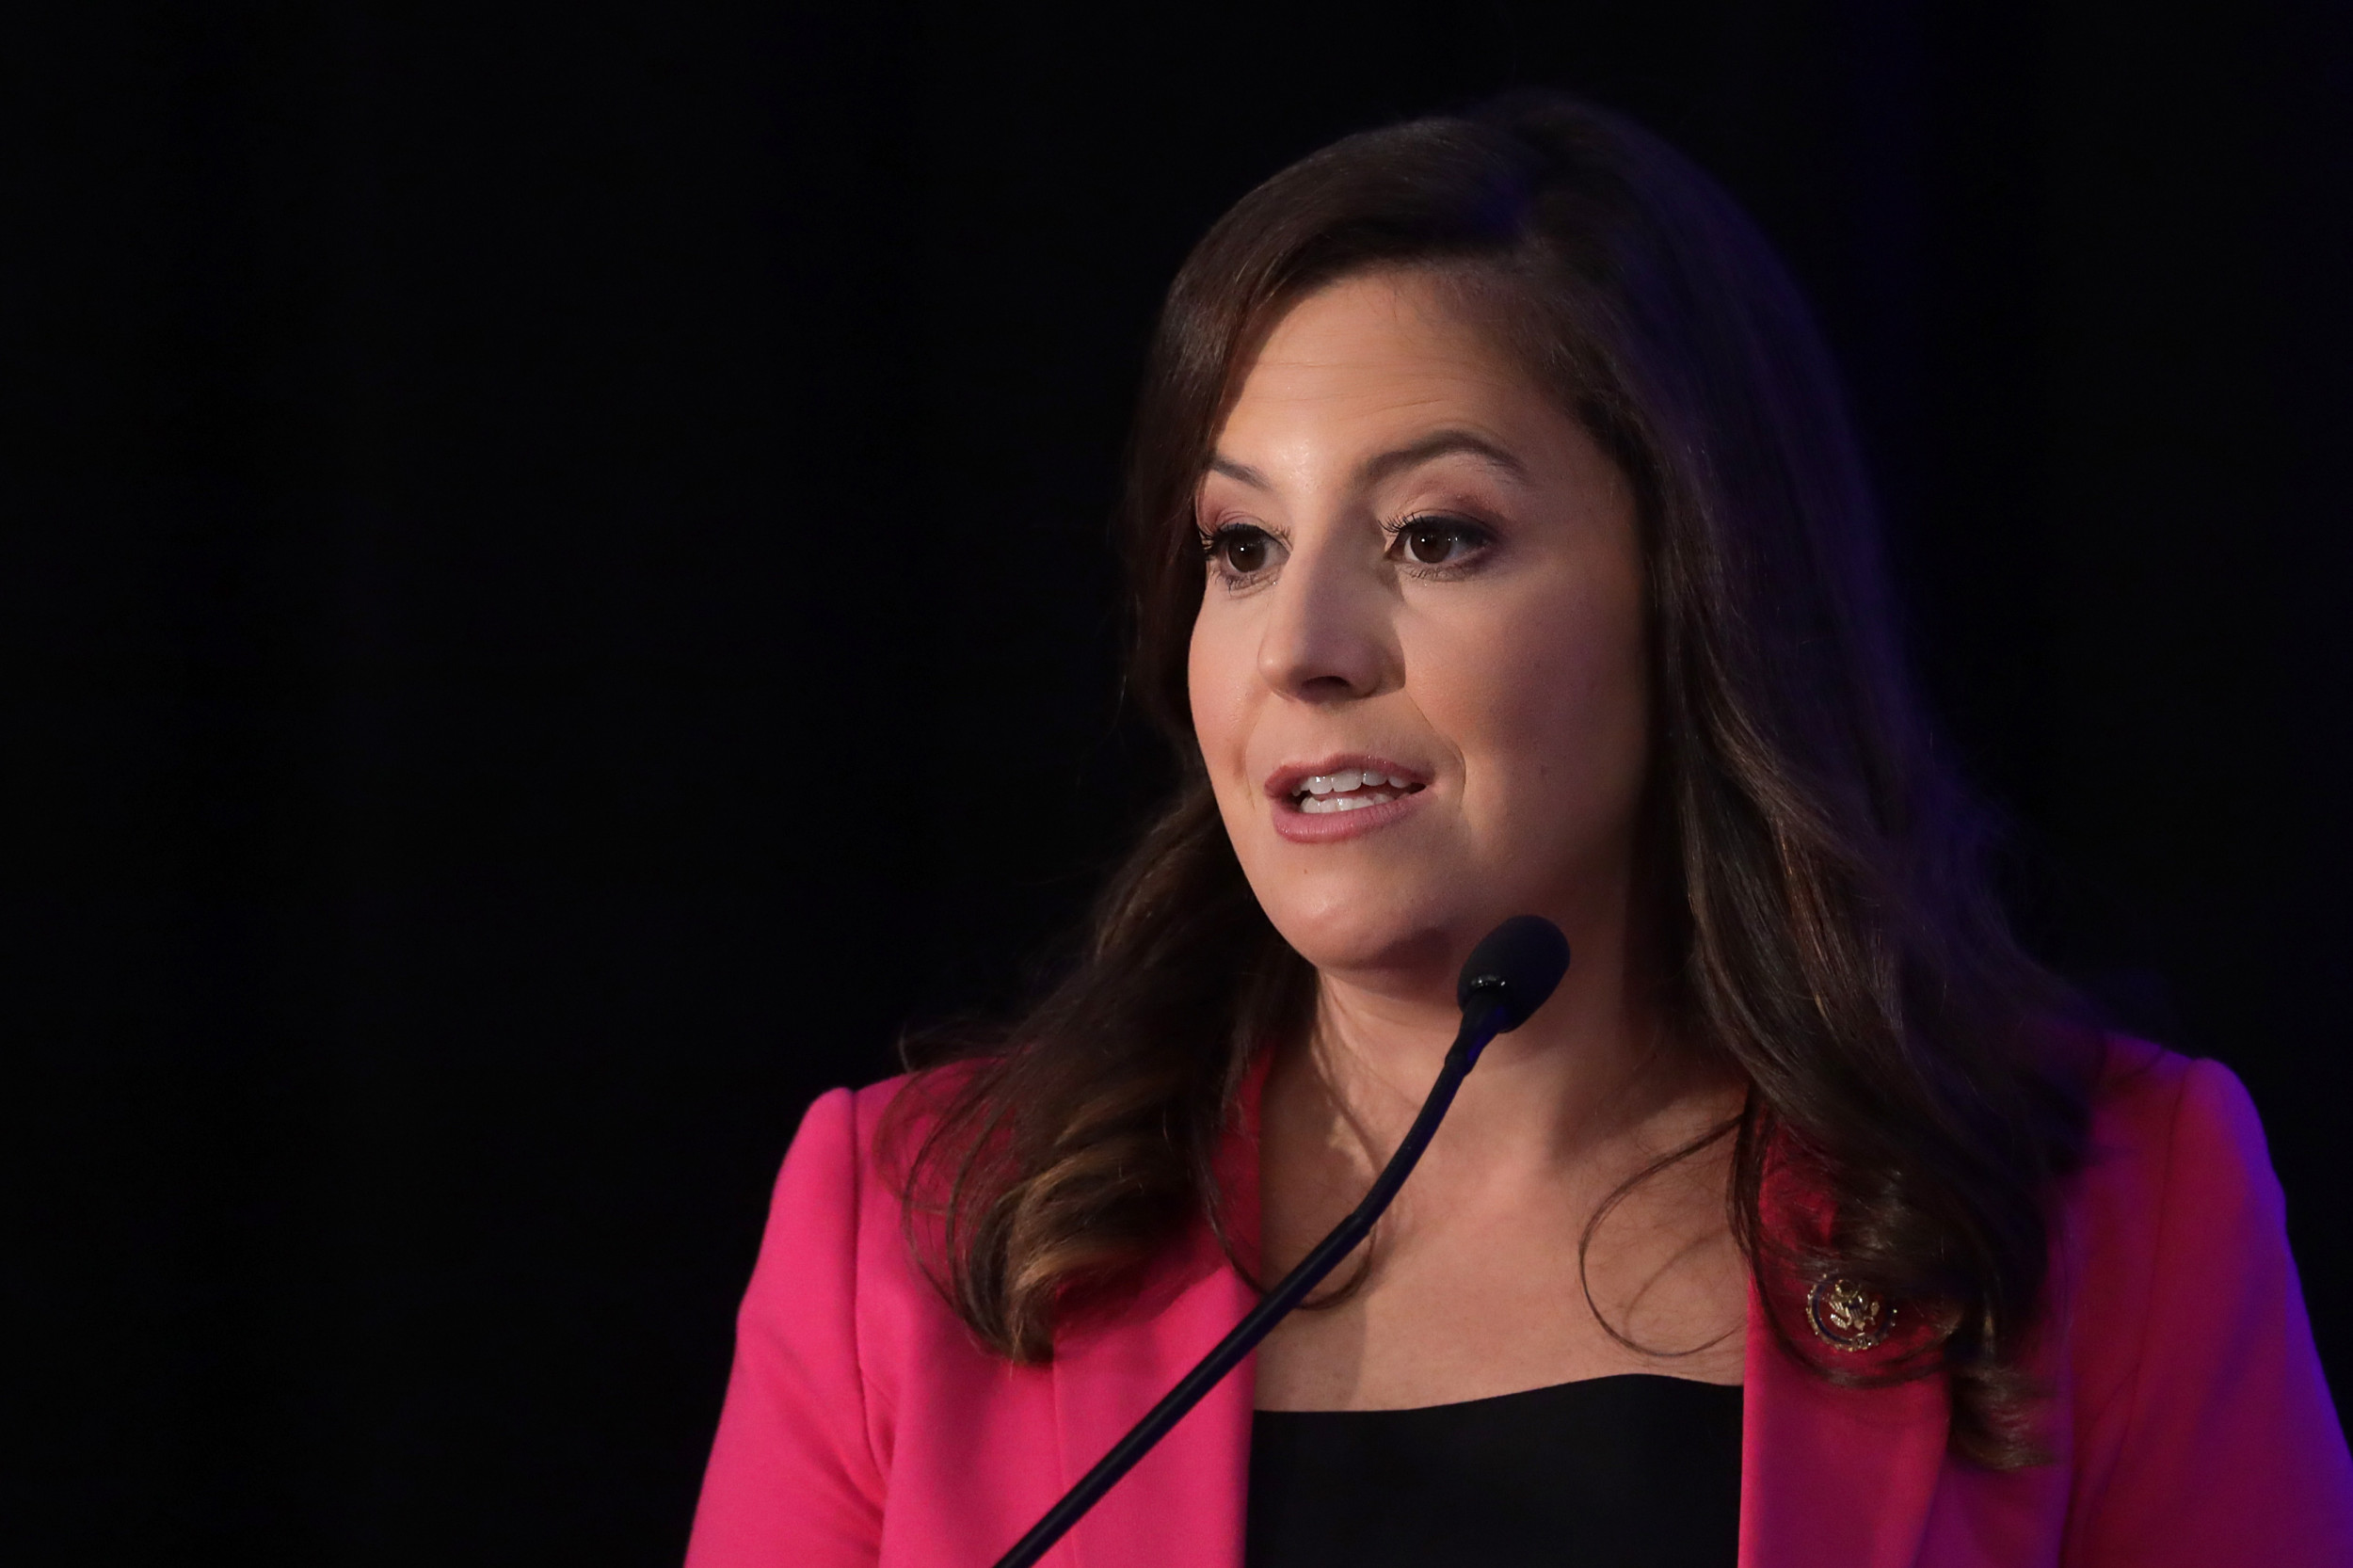 Harvard Removes Rep. Elise Stefanik From Advisory Board ...